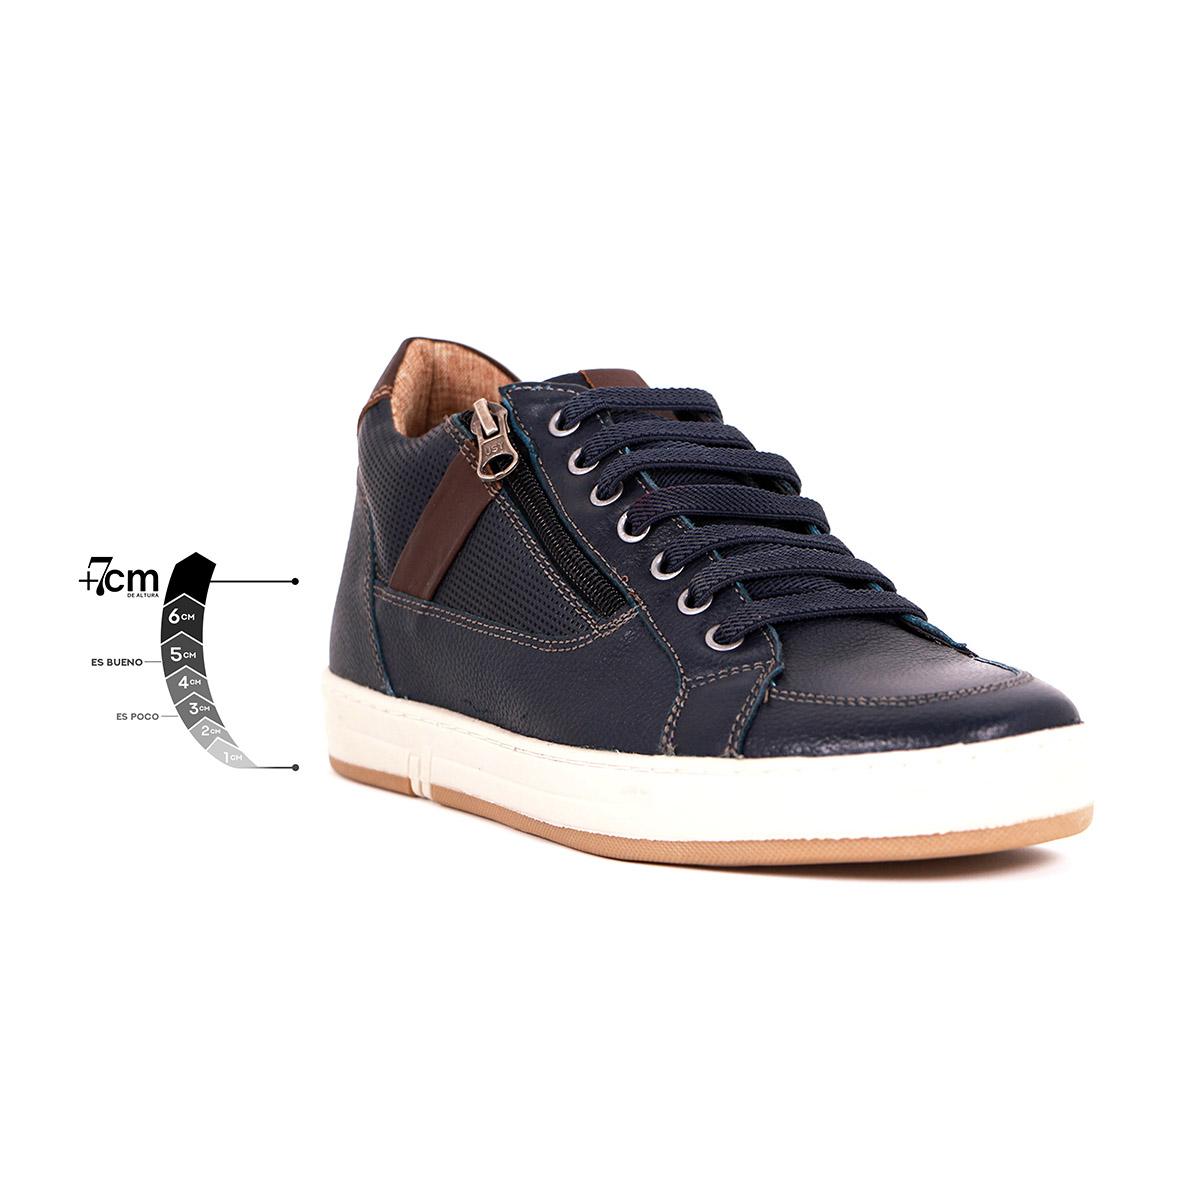 Tenis Hidden Jeans Max Denegri +7cms De Altura _75280